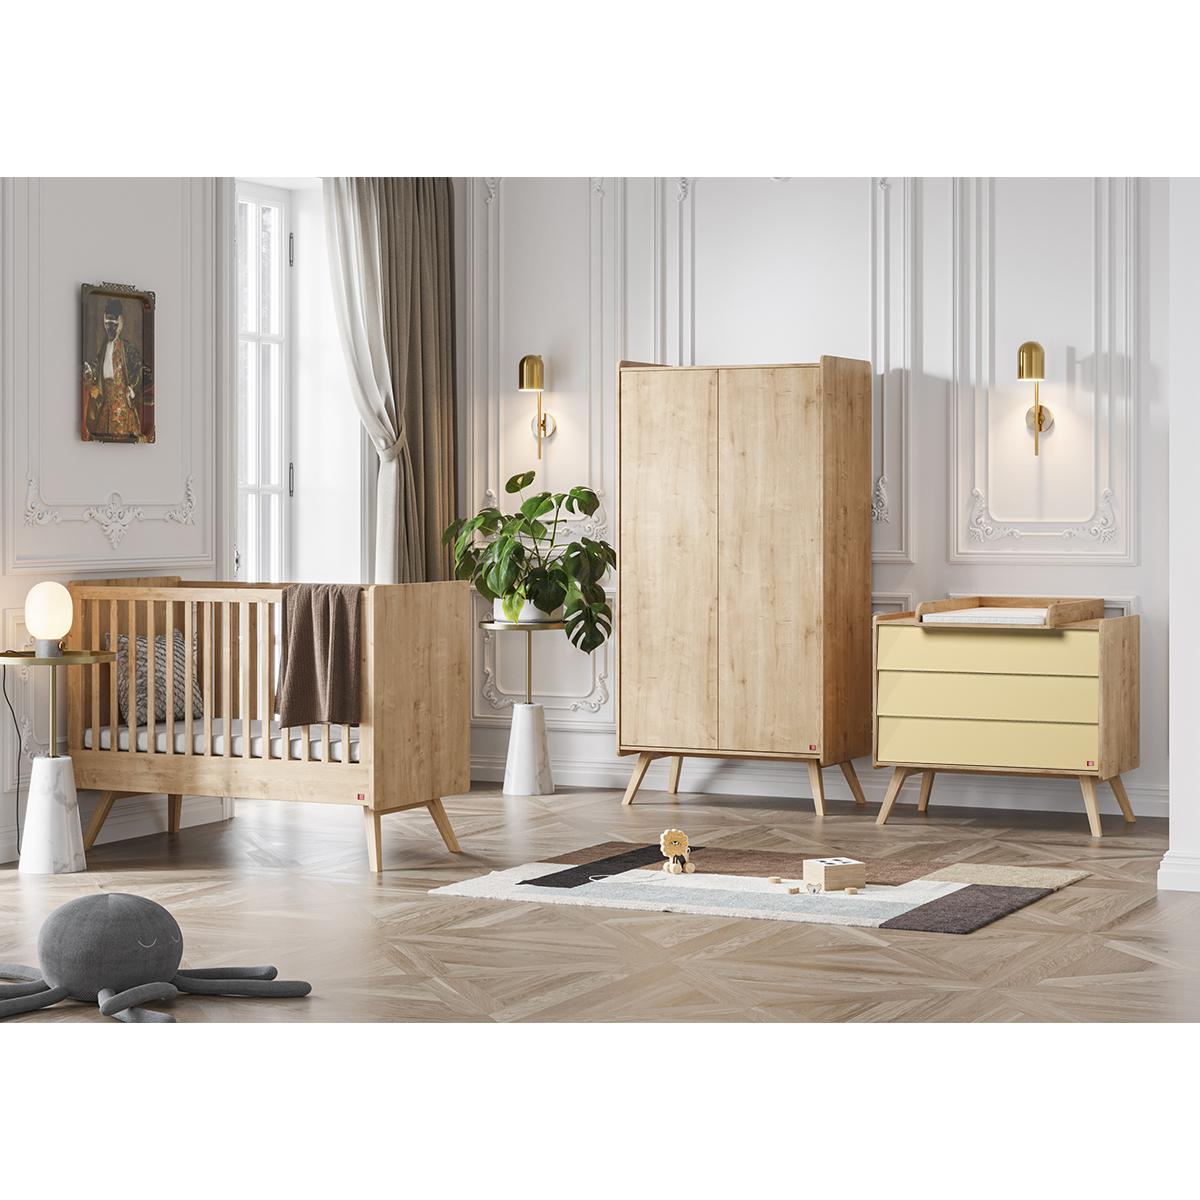 Chambre complète lit bébé 60x120 - commode à langer - armoire 2 portes Vox Vintage - Bois Beige